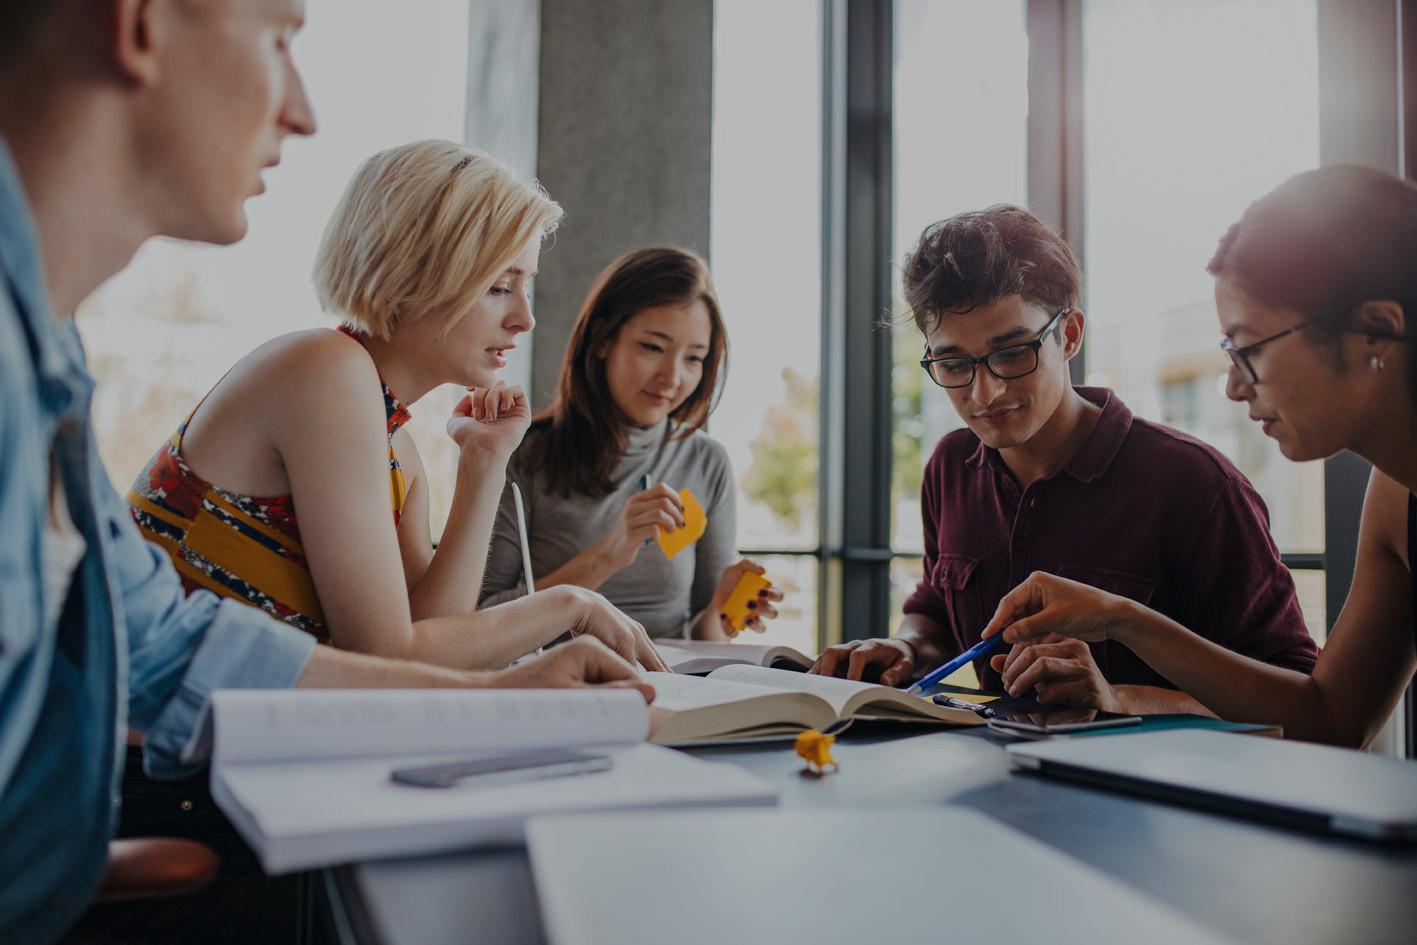 Studium und Beruf: Flexible Studienmodelle